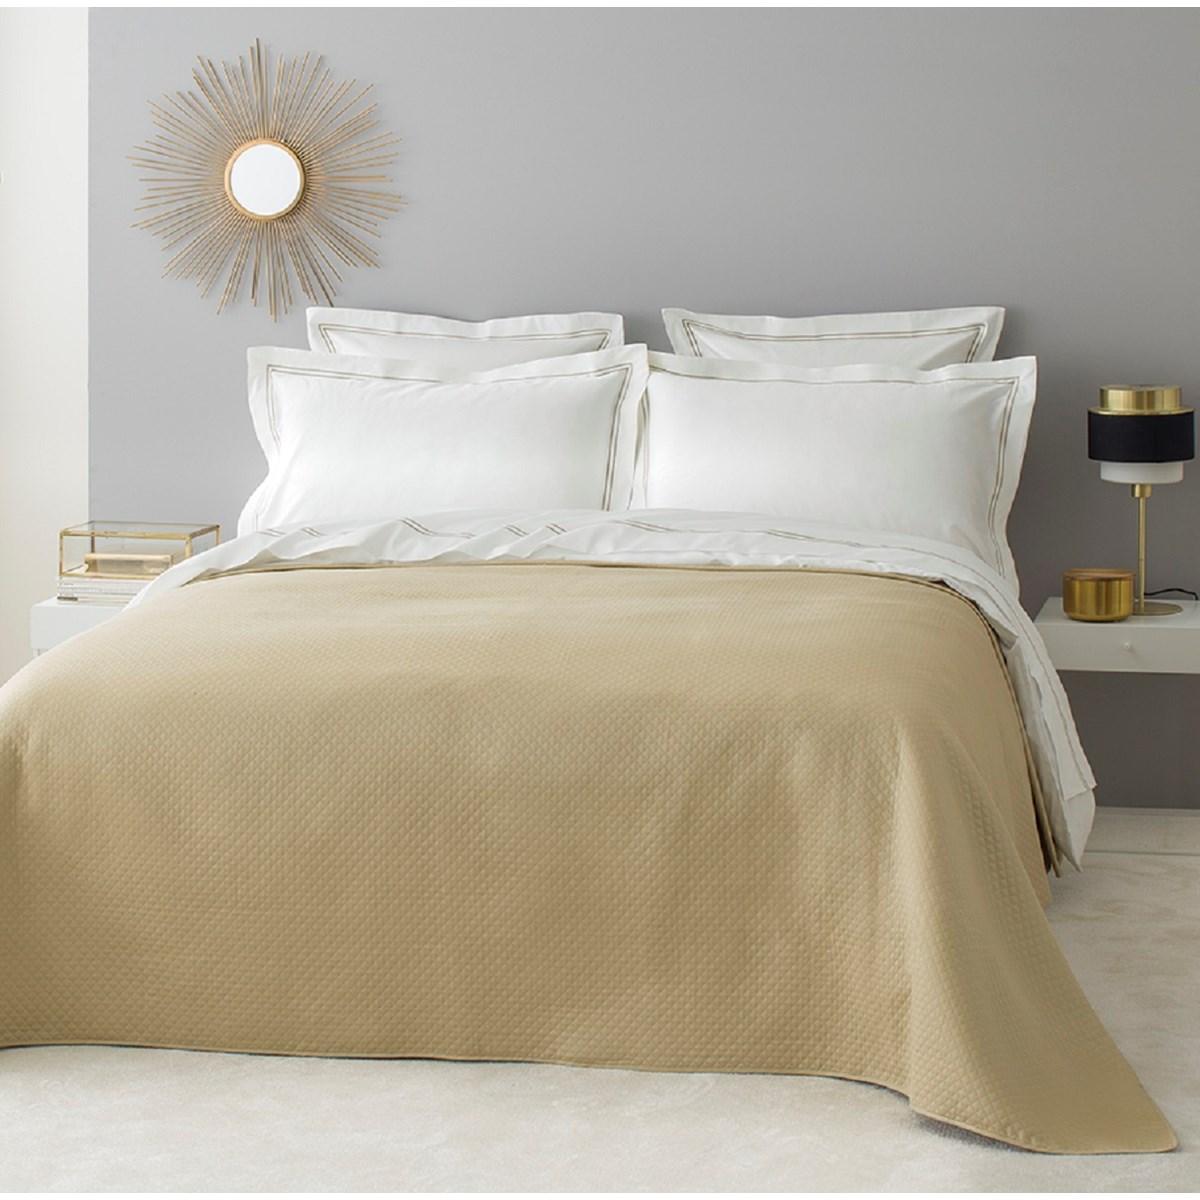 Dessus de lit luxe en Coton Beige 230x250 cm